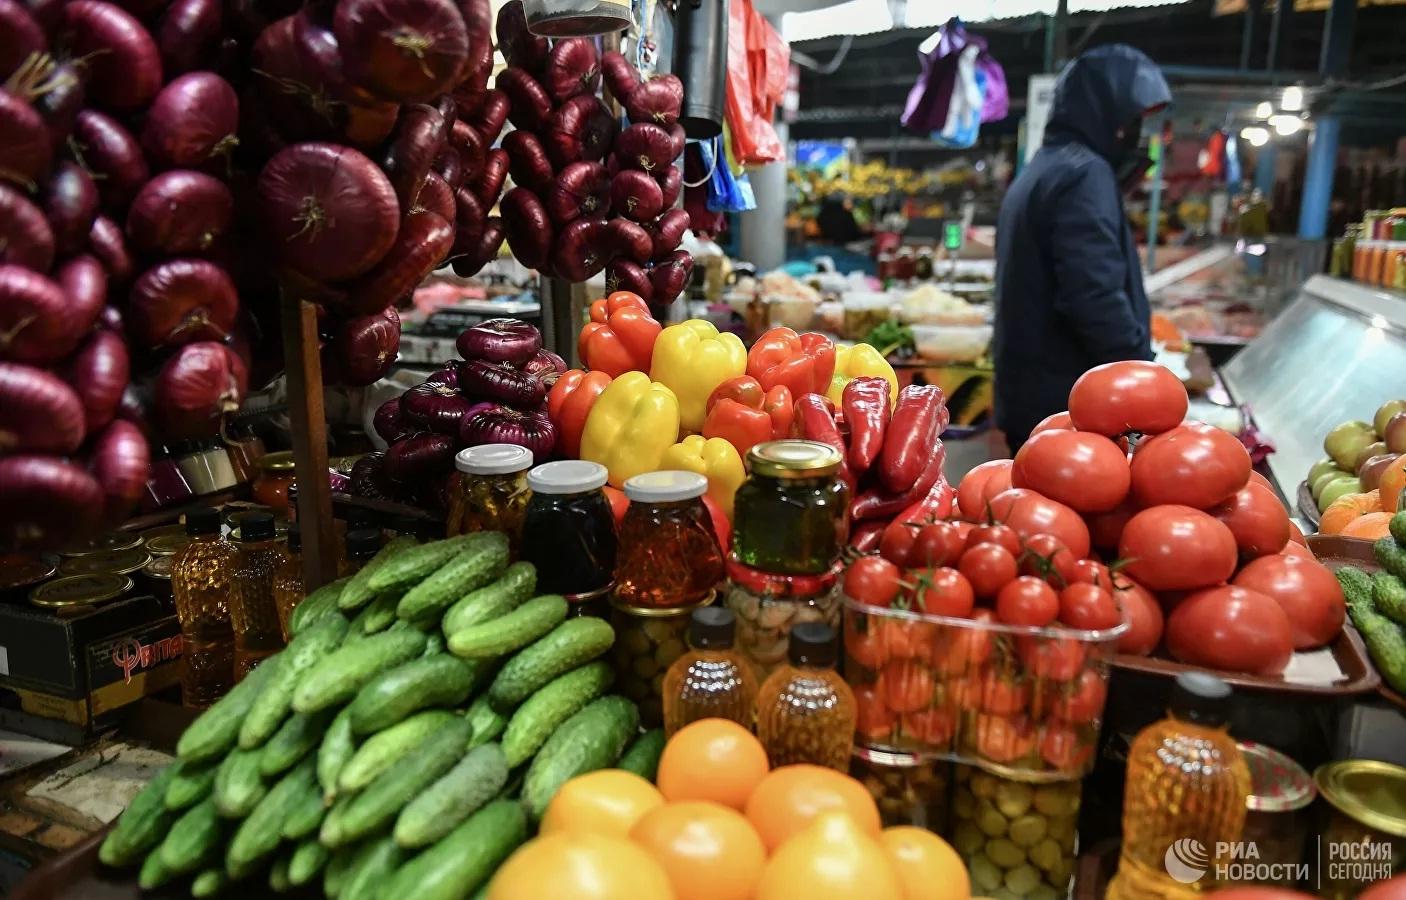 Trái cây và rau quả ảnh hưởng gì đến khả năng miễn dịch?